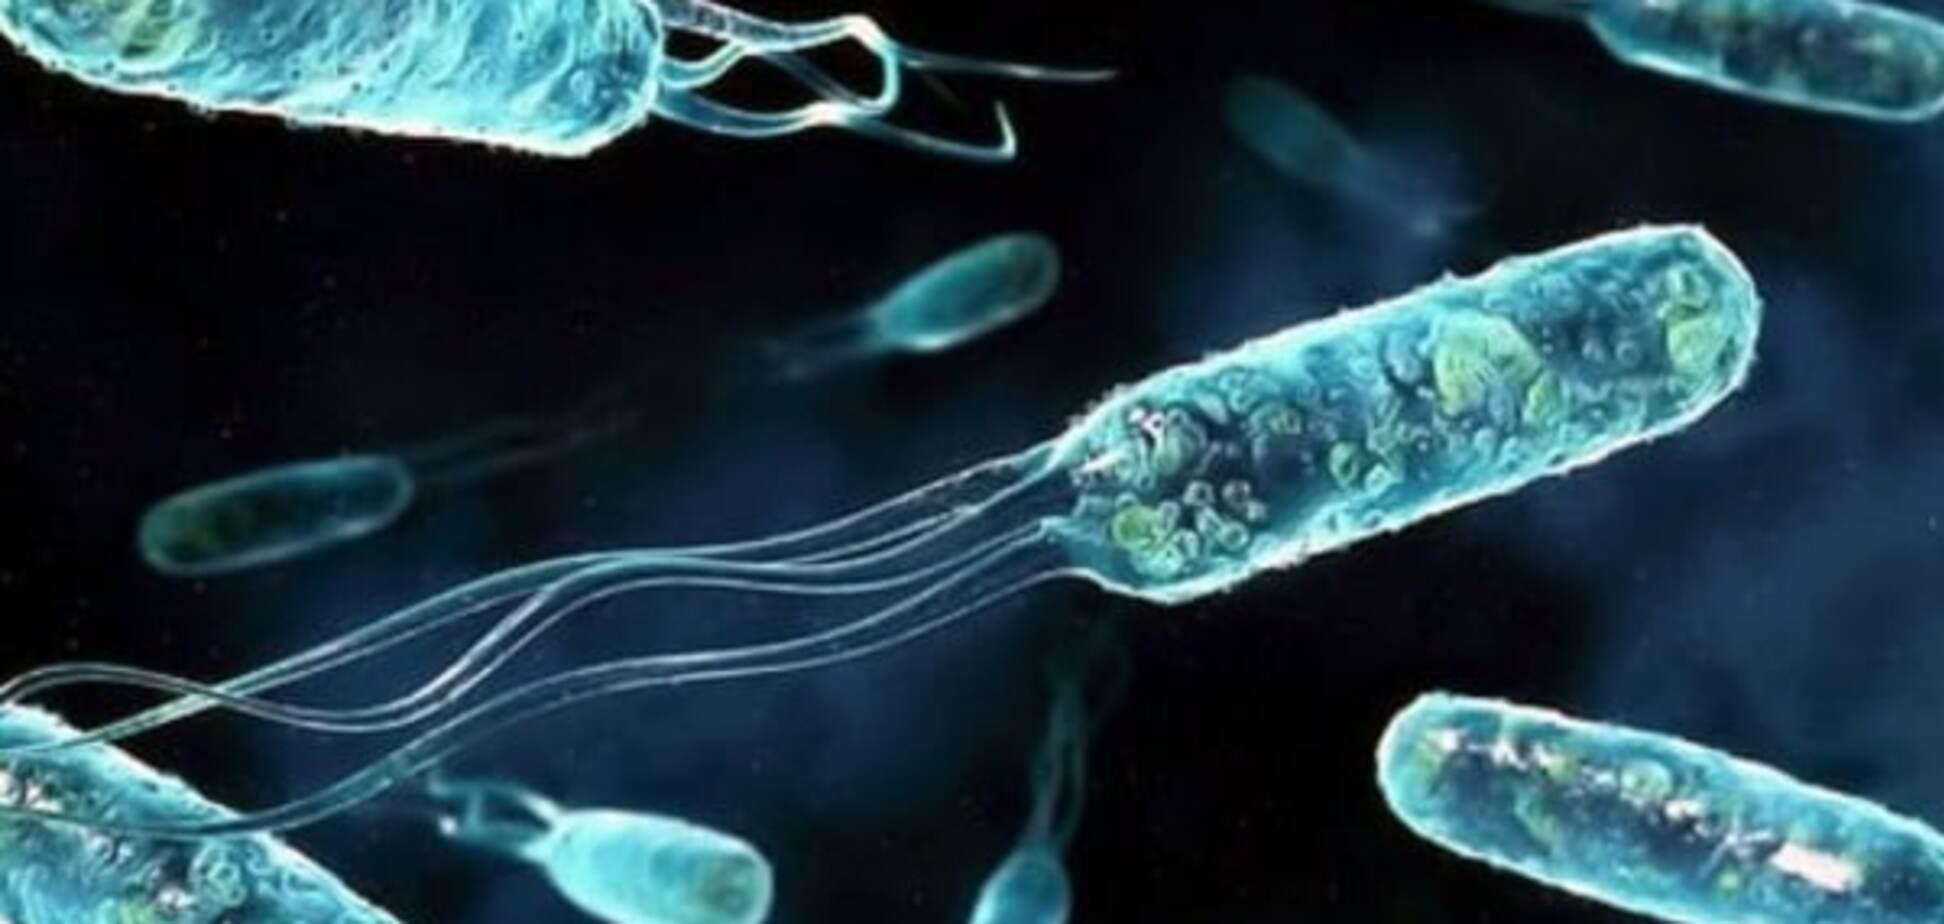 Ученые показали, как эволюционирует бактерия кишечной палочки: видеофакт